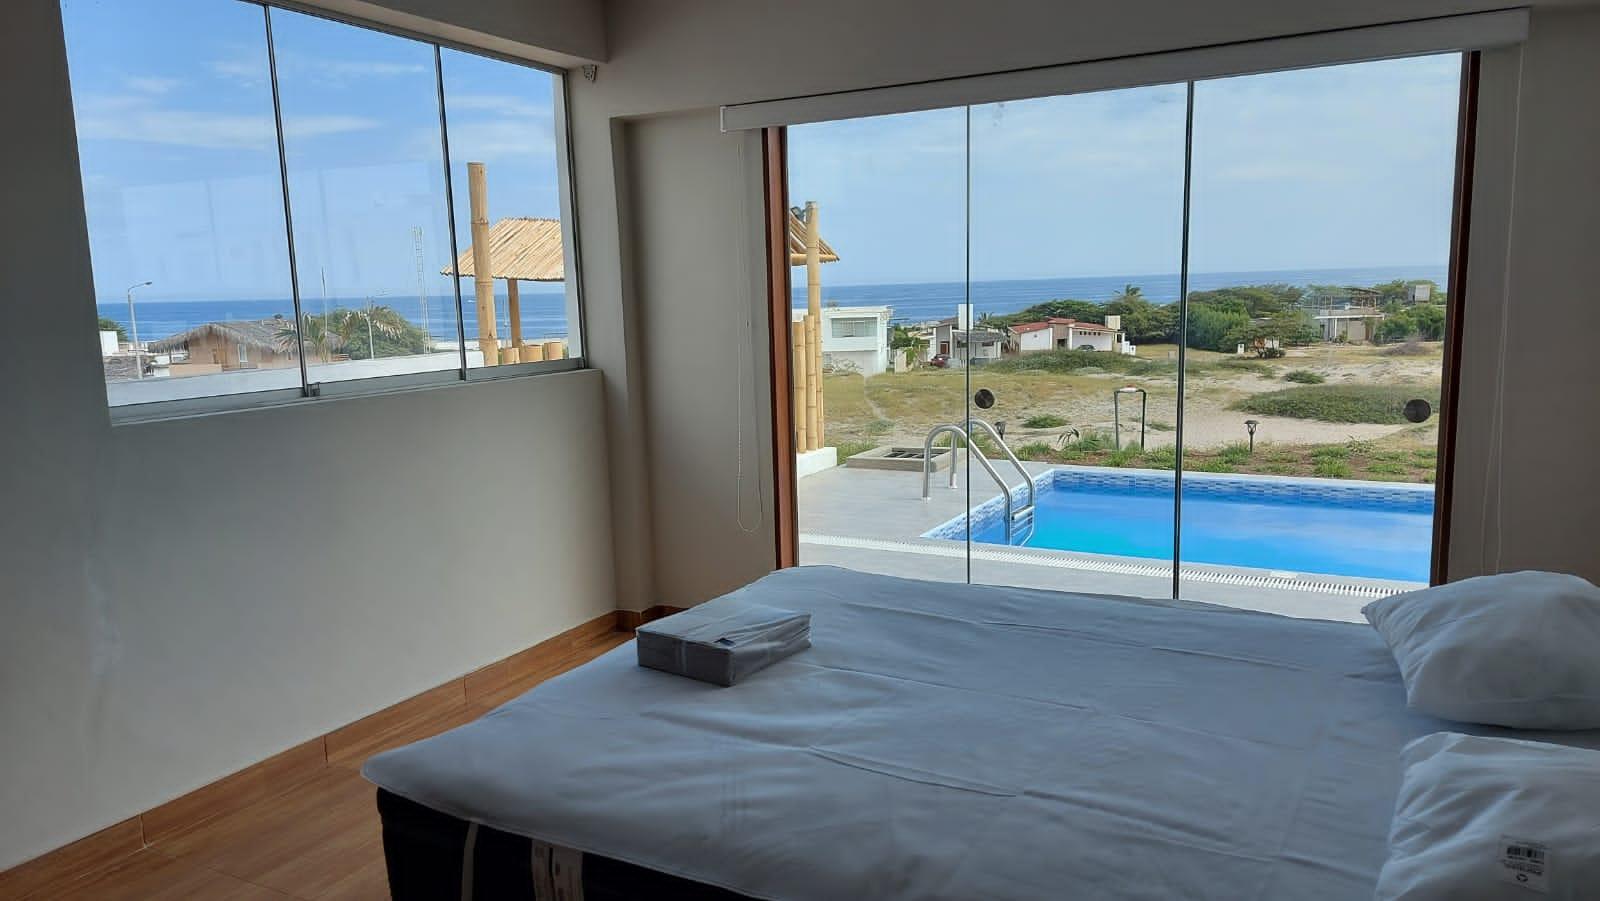 casa de playa con vista al mar en vichayito 14